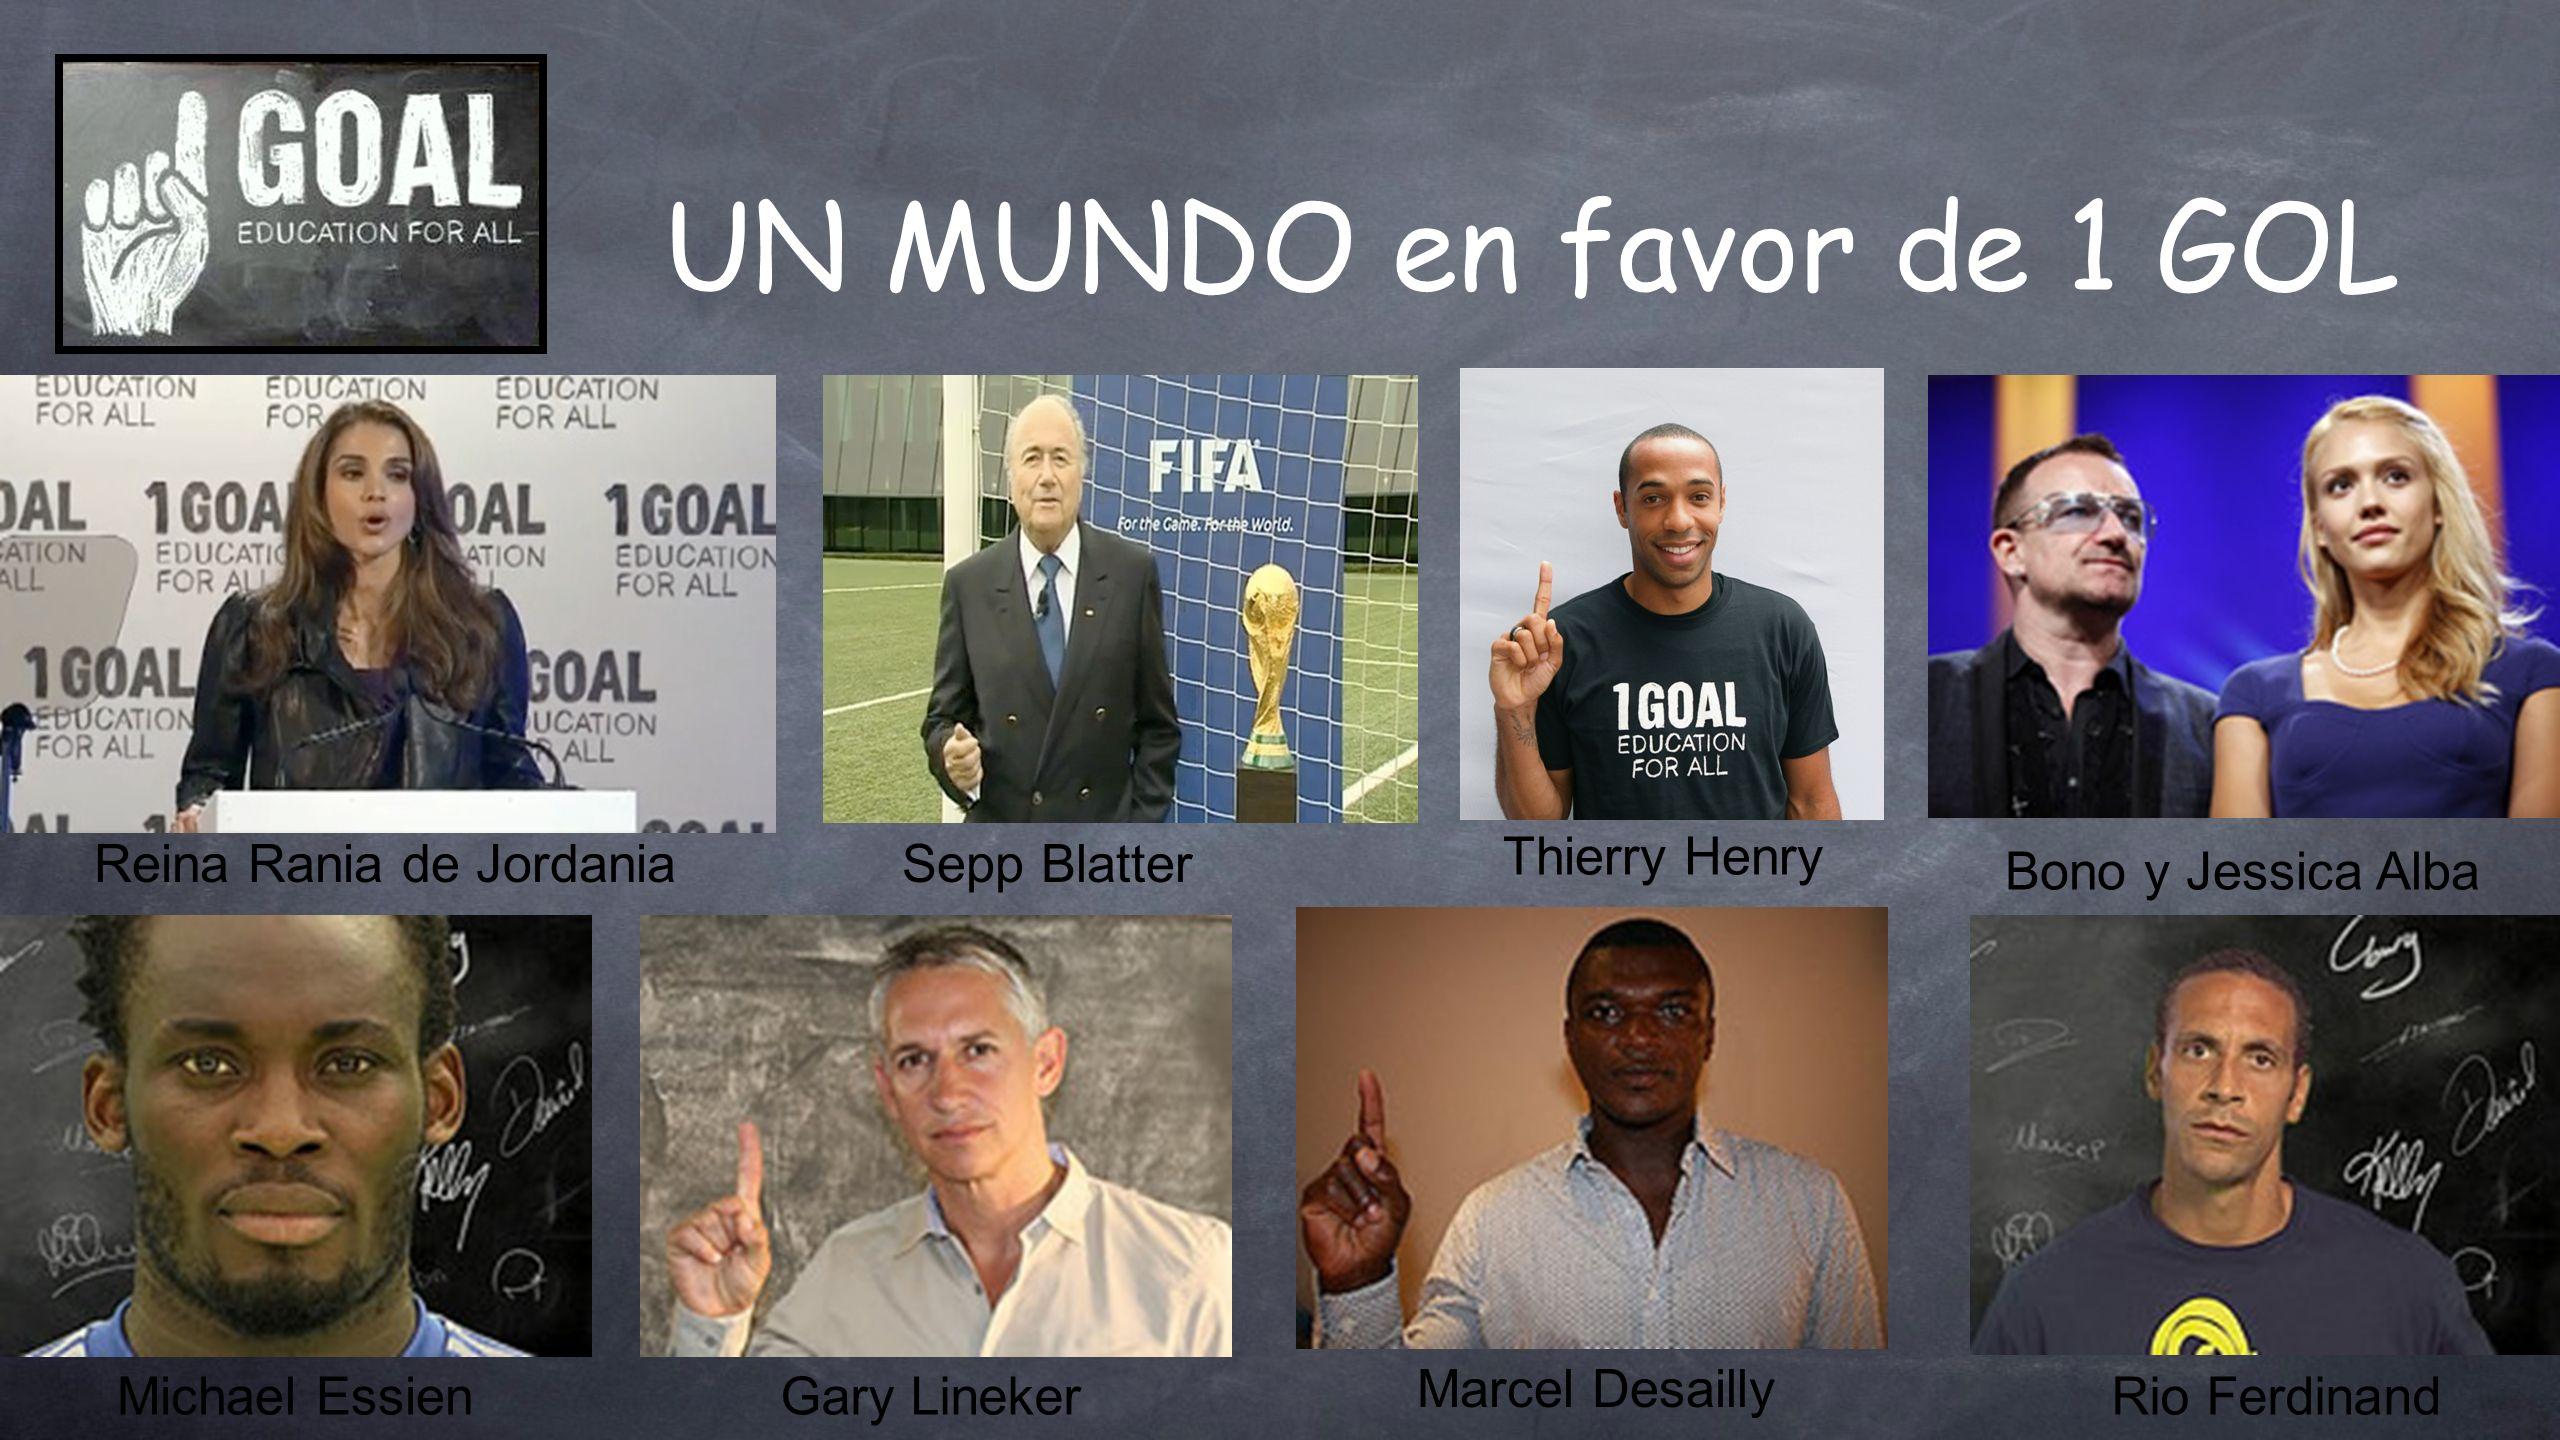 UN MUNDO en favor de 1 GOL Sepp BlatterReina Rania de Jordania Thierry Henry Bono y Jessica Alba Michael EssienGary Lineker Marcel Desailly Rio Ferdin